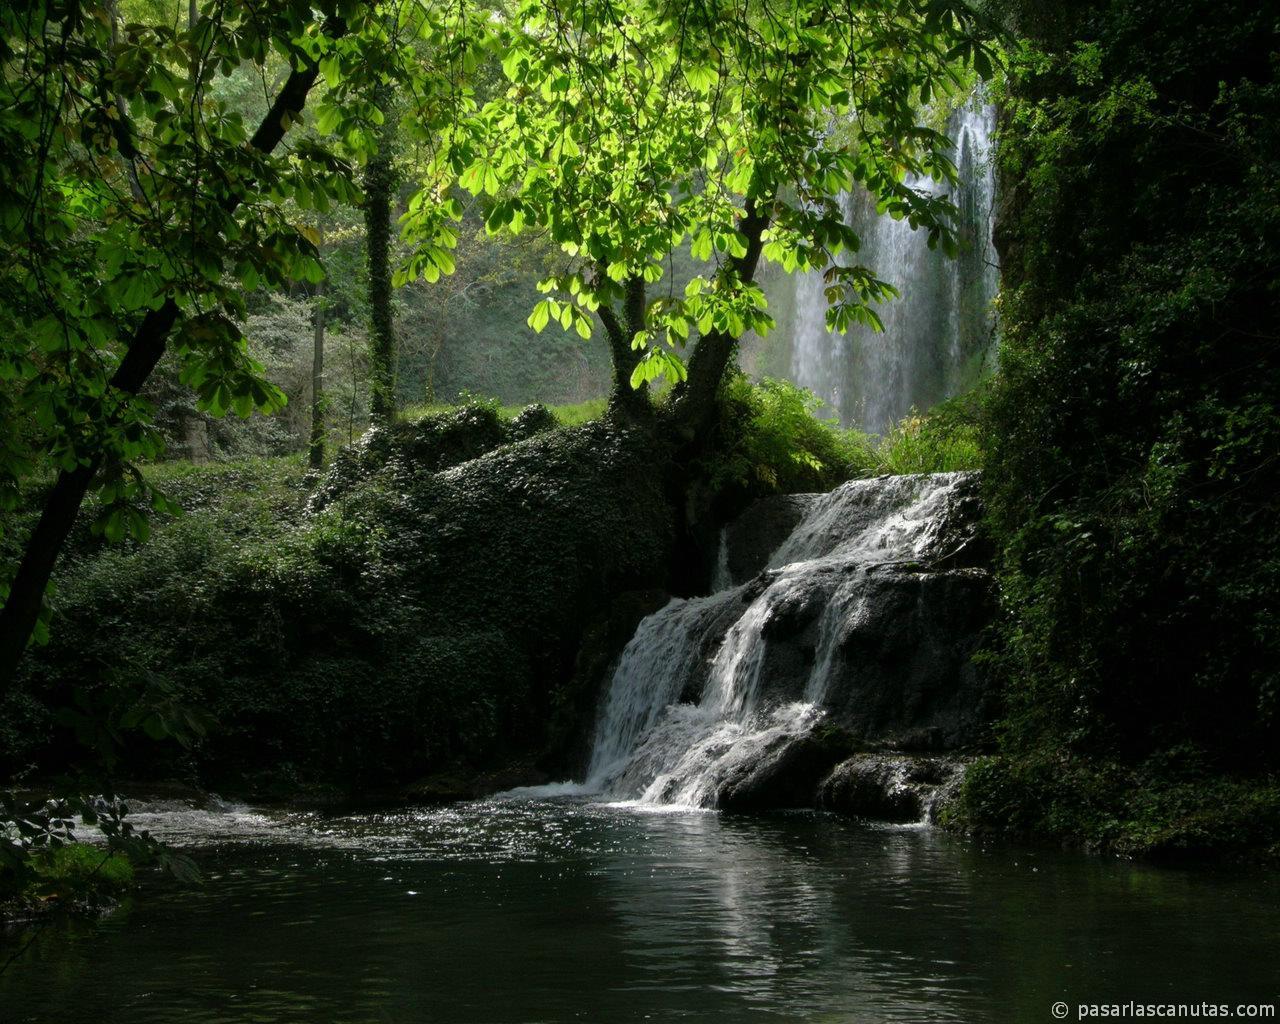 Resultado de imagen de renacer del agua y del espiritu